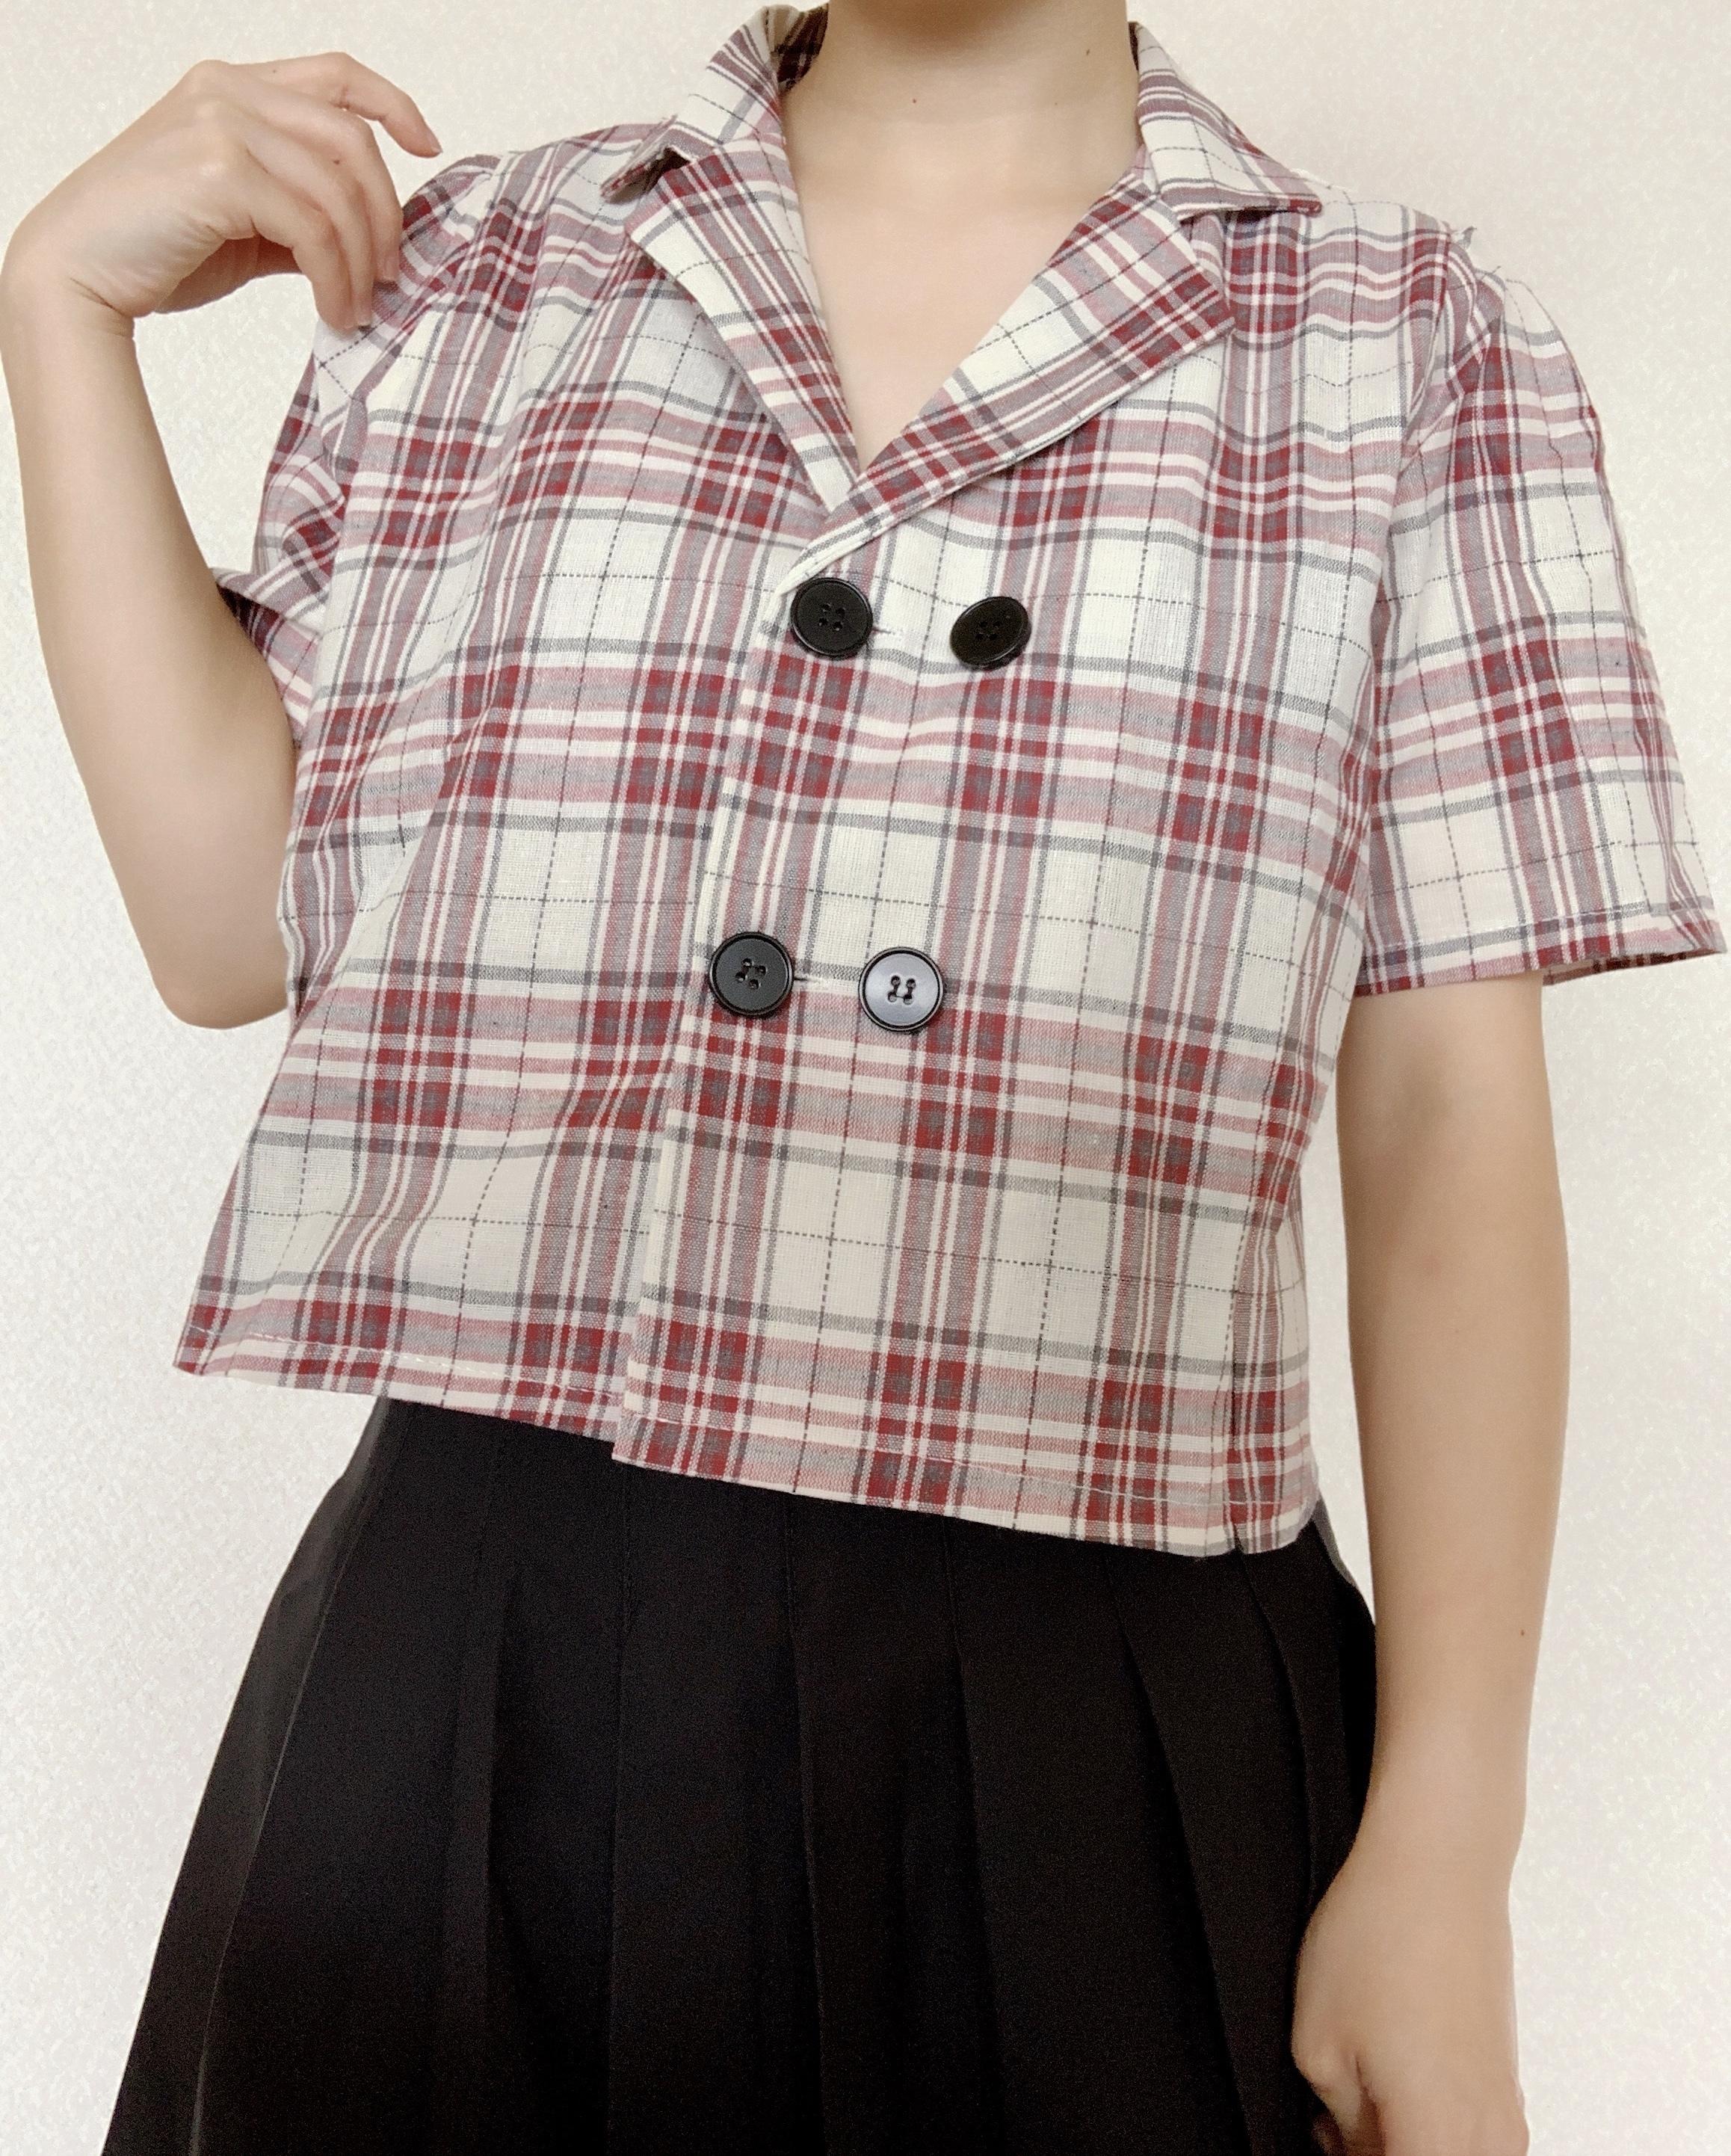 チェックマリンシャツ 【check marine shirt】